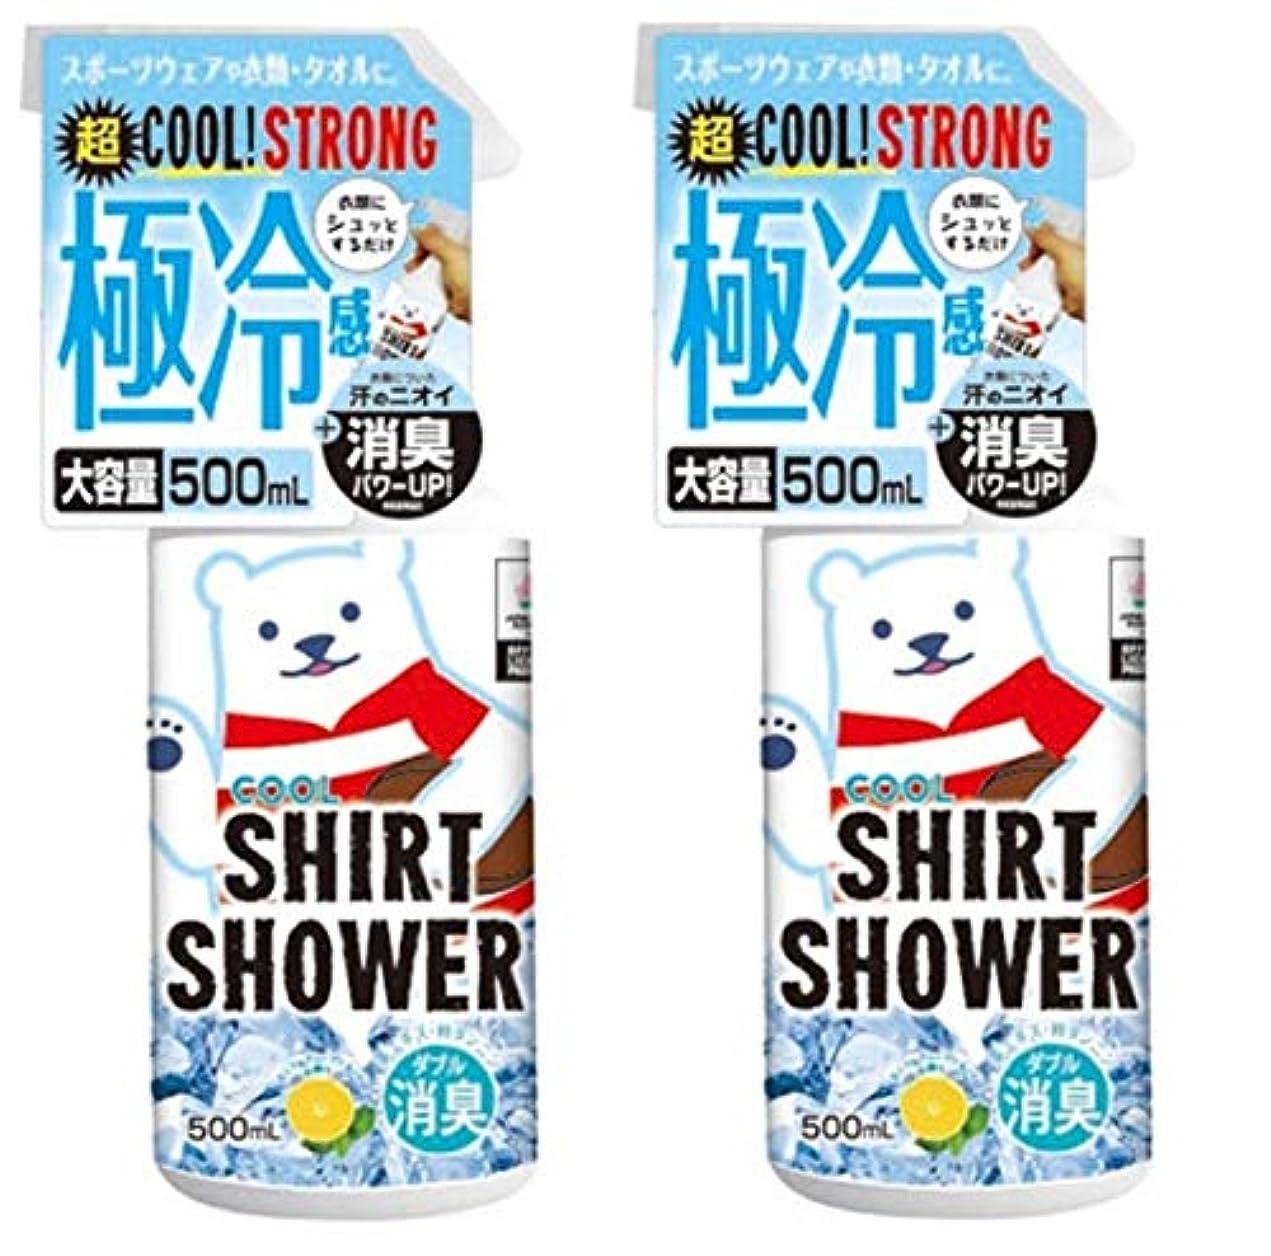 【数量限定】ラグビー日本代表コラボ ひんやりシャツシャワー ストロングラグビー 500ml (2個)